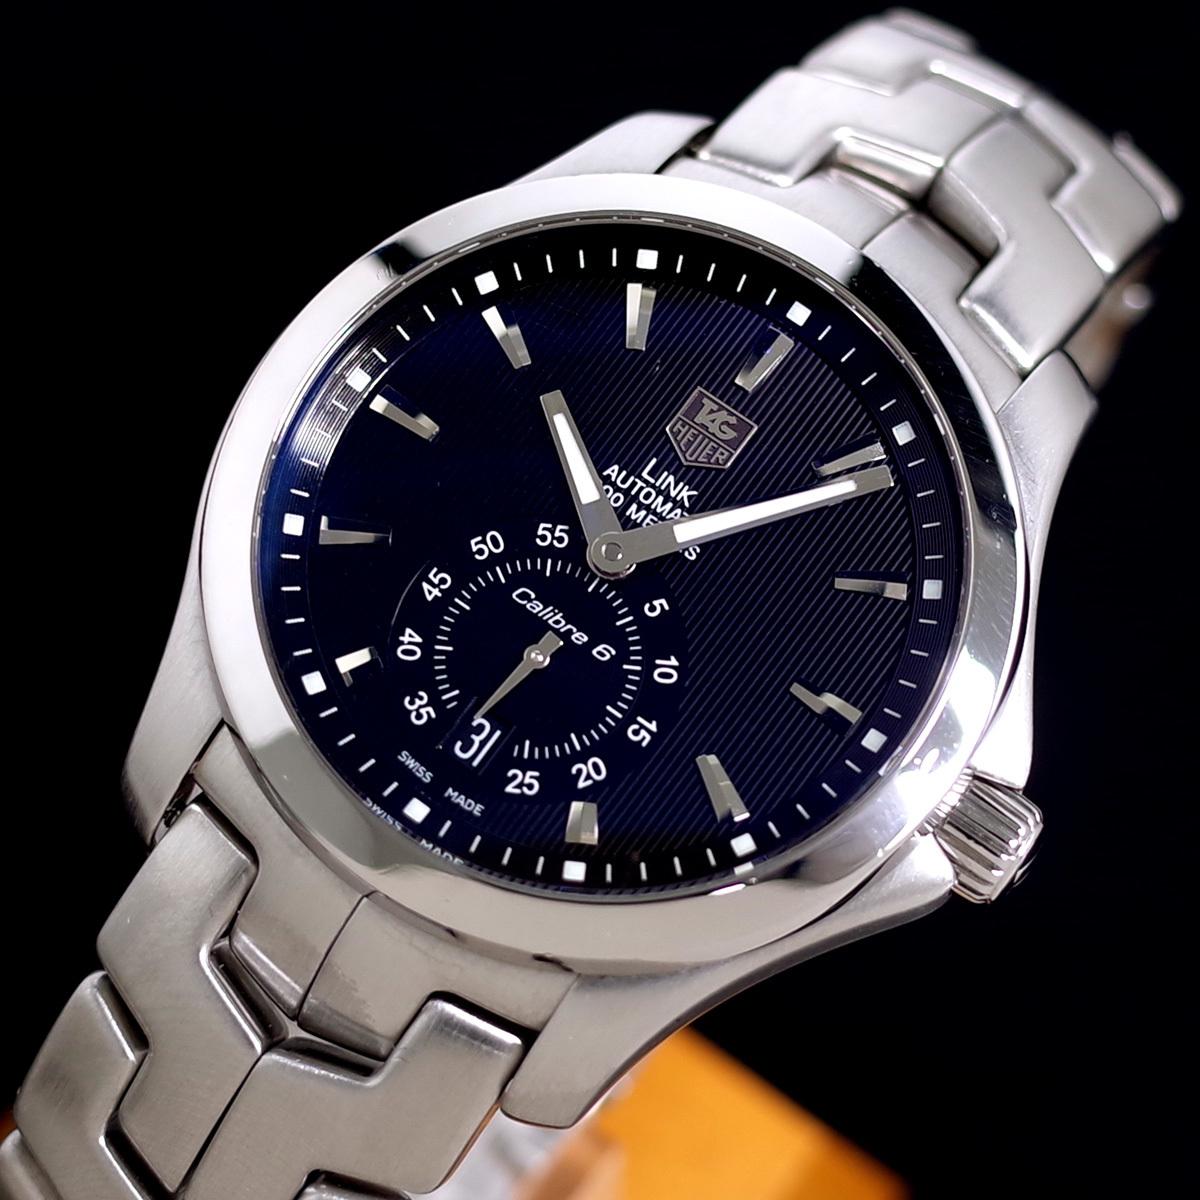 1年保証♪タグホイヤー【リンク】キャリバー6 WJF211A 自動巻 黒文字盤 ブラック ブレスレット 箱 メンズ 腕時計 TAG HEUER_画像2